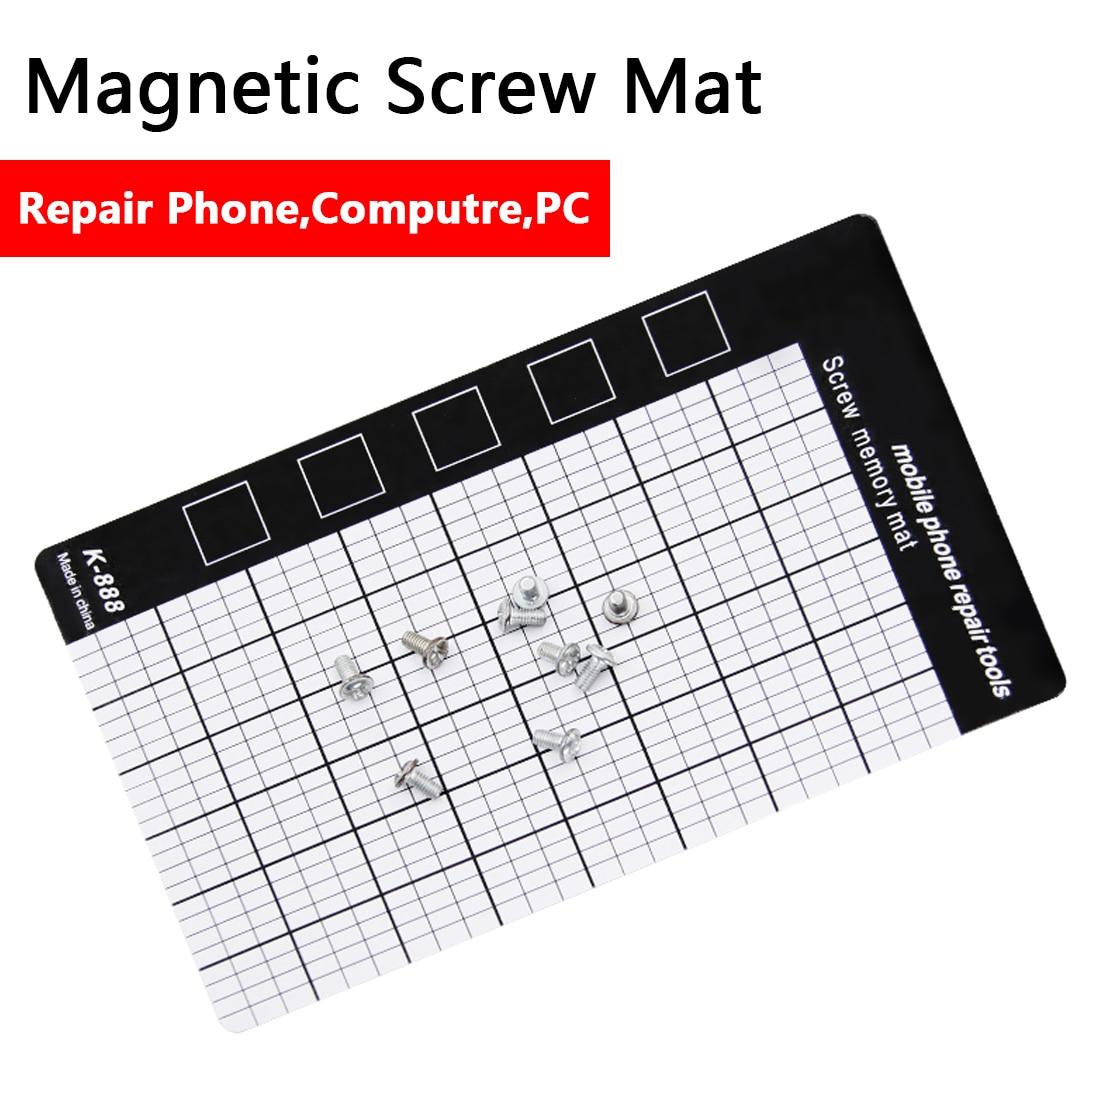 все цены на Magnetic Working Pad Magnetic Screw Mat Memory Chart Work Pad Mobile Phone Repair Tools 145 x 90mm Hand Tool Set онлайн